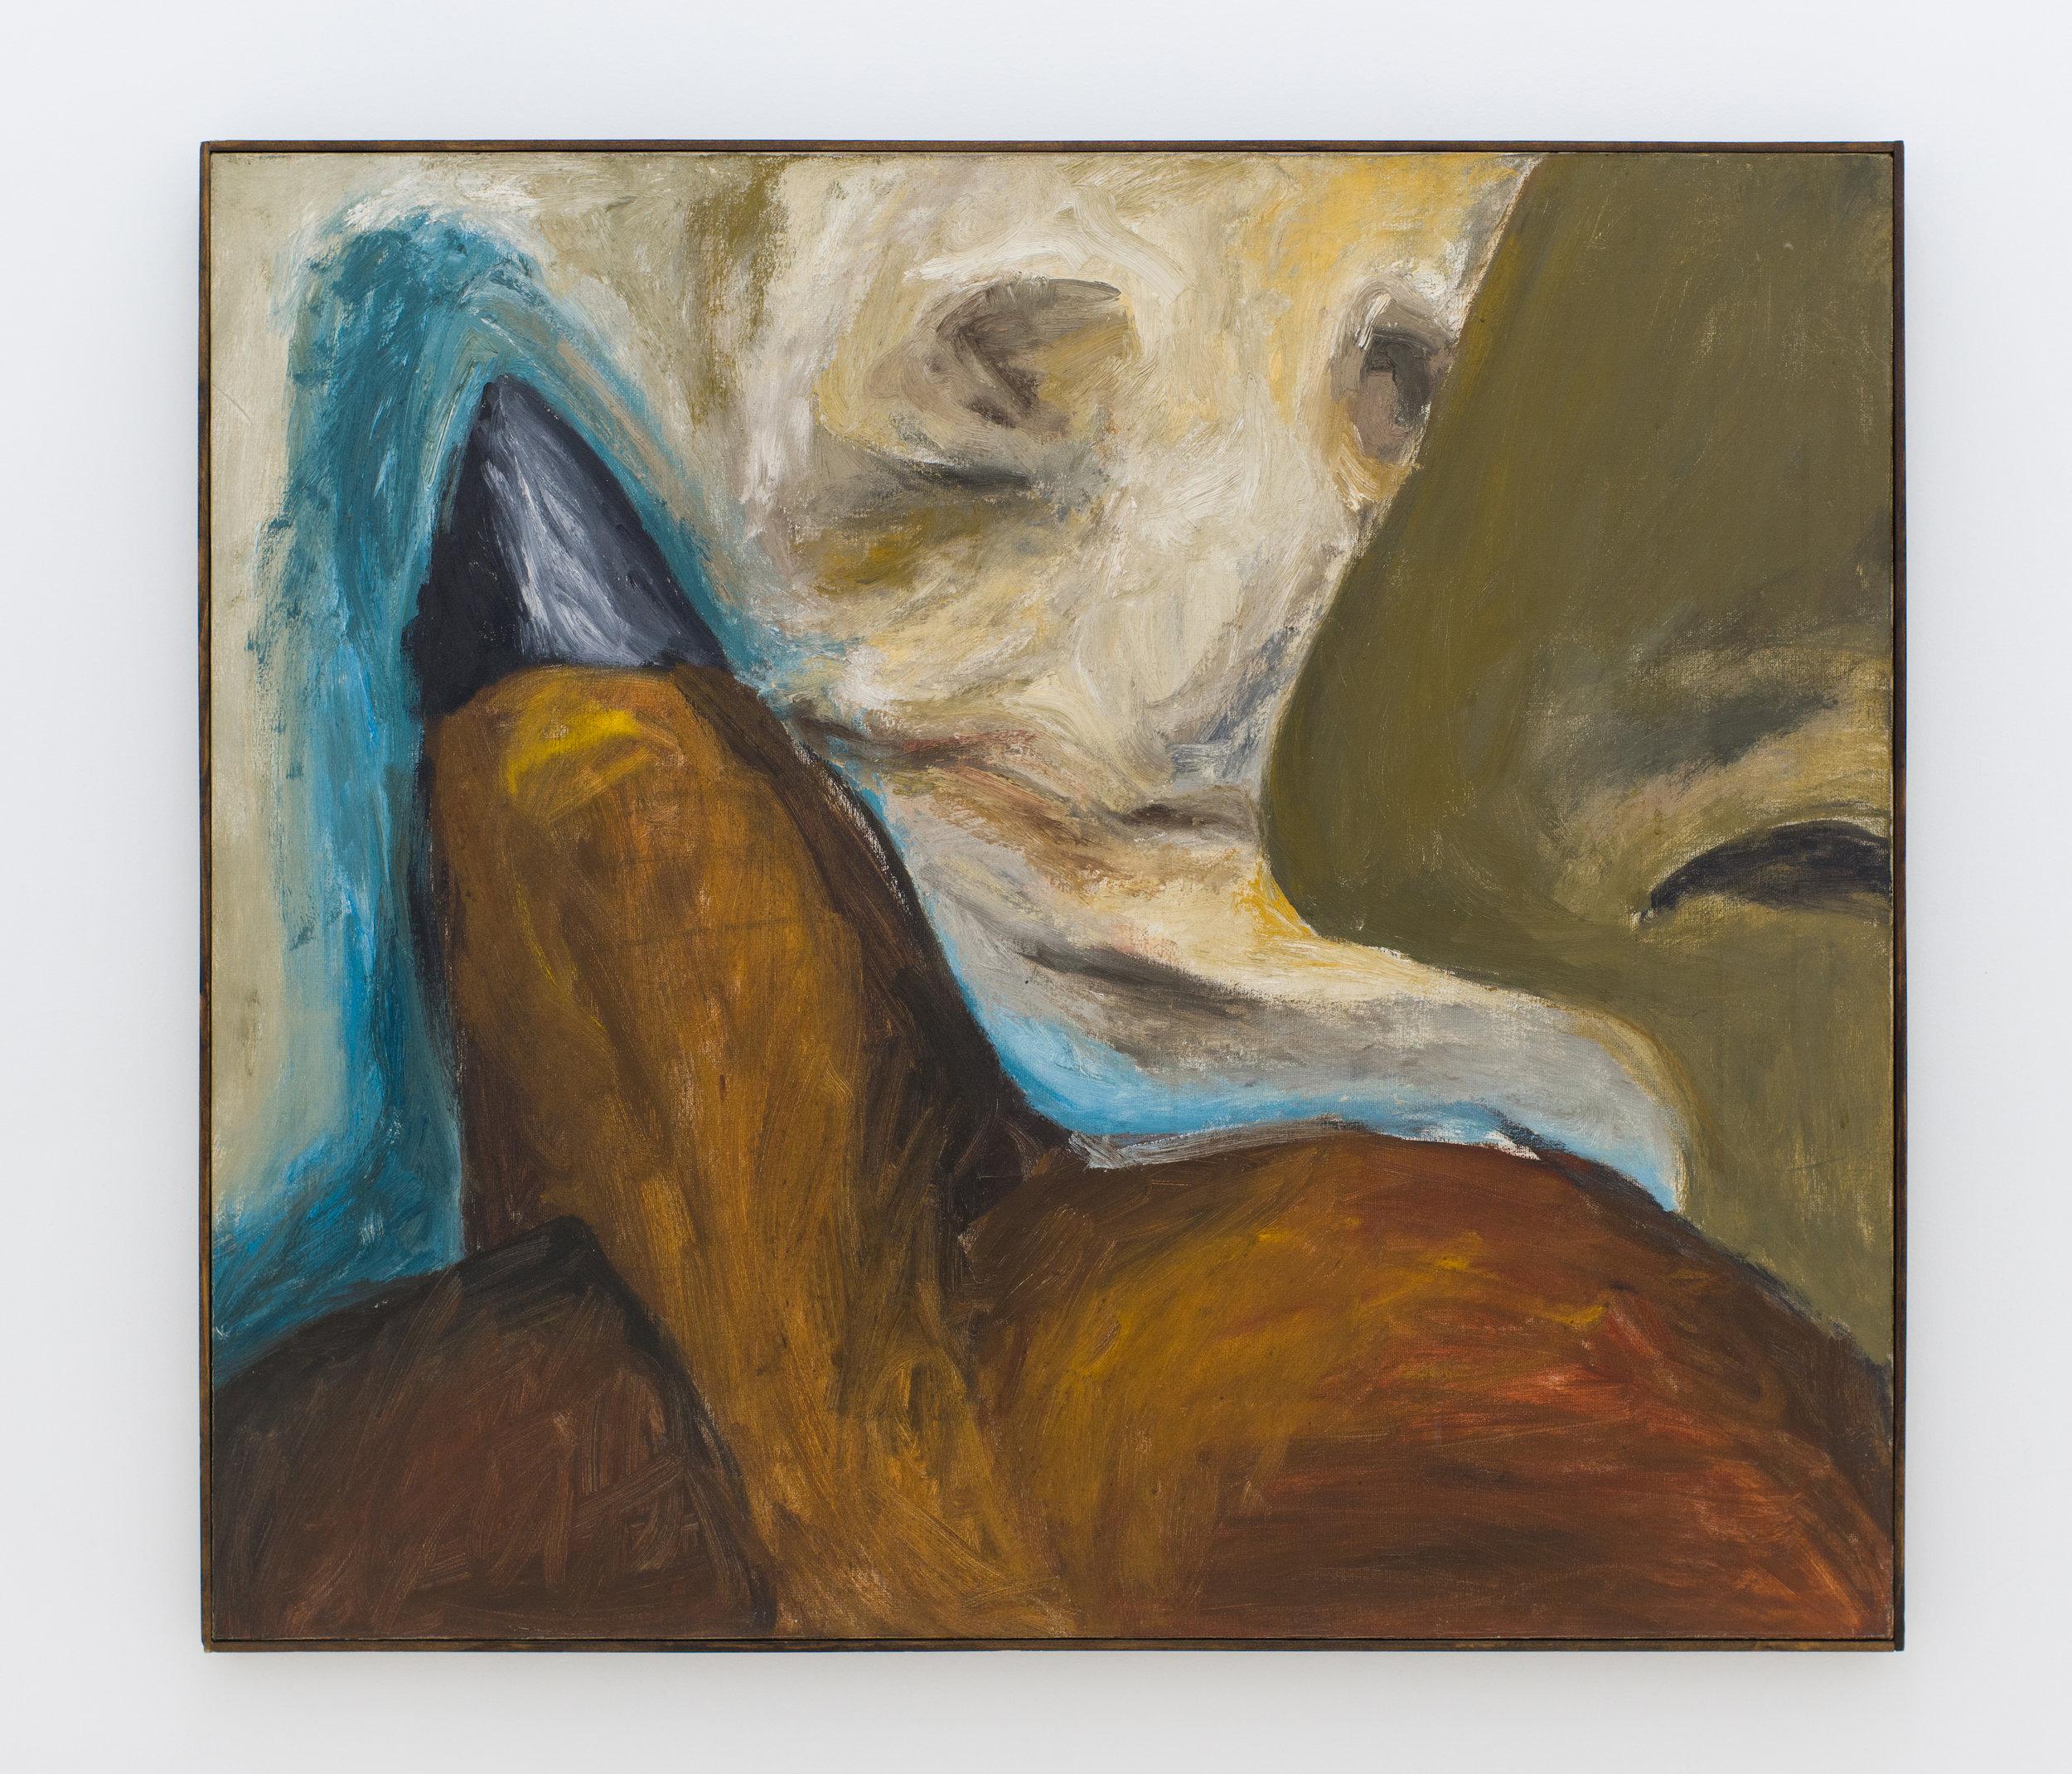 Leo Lozano   Untitled,  1962 Oil on canvas 31.75 x 35.75 inches